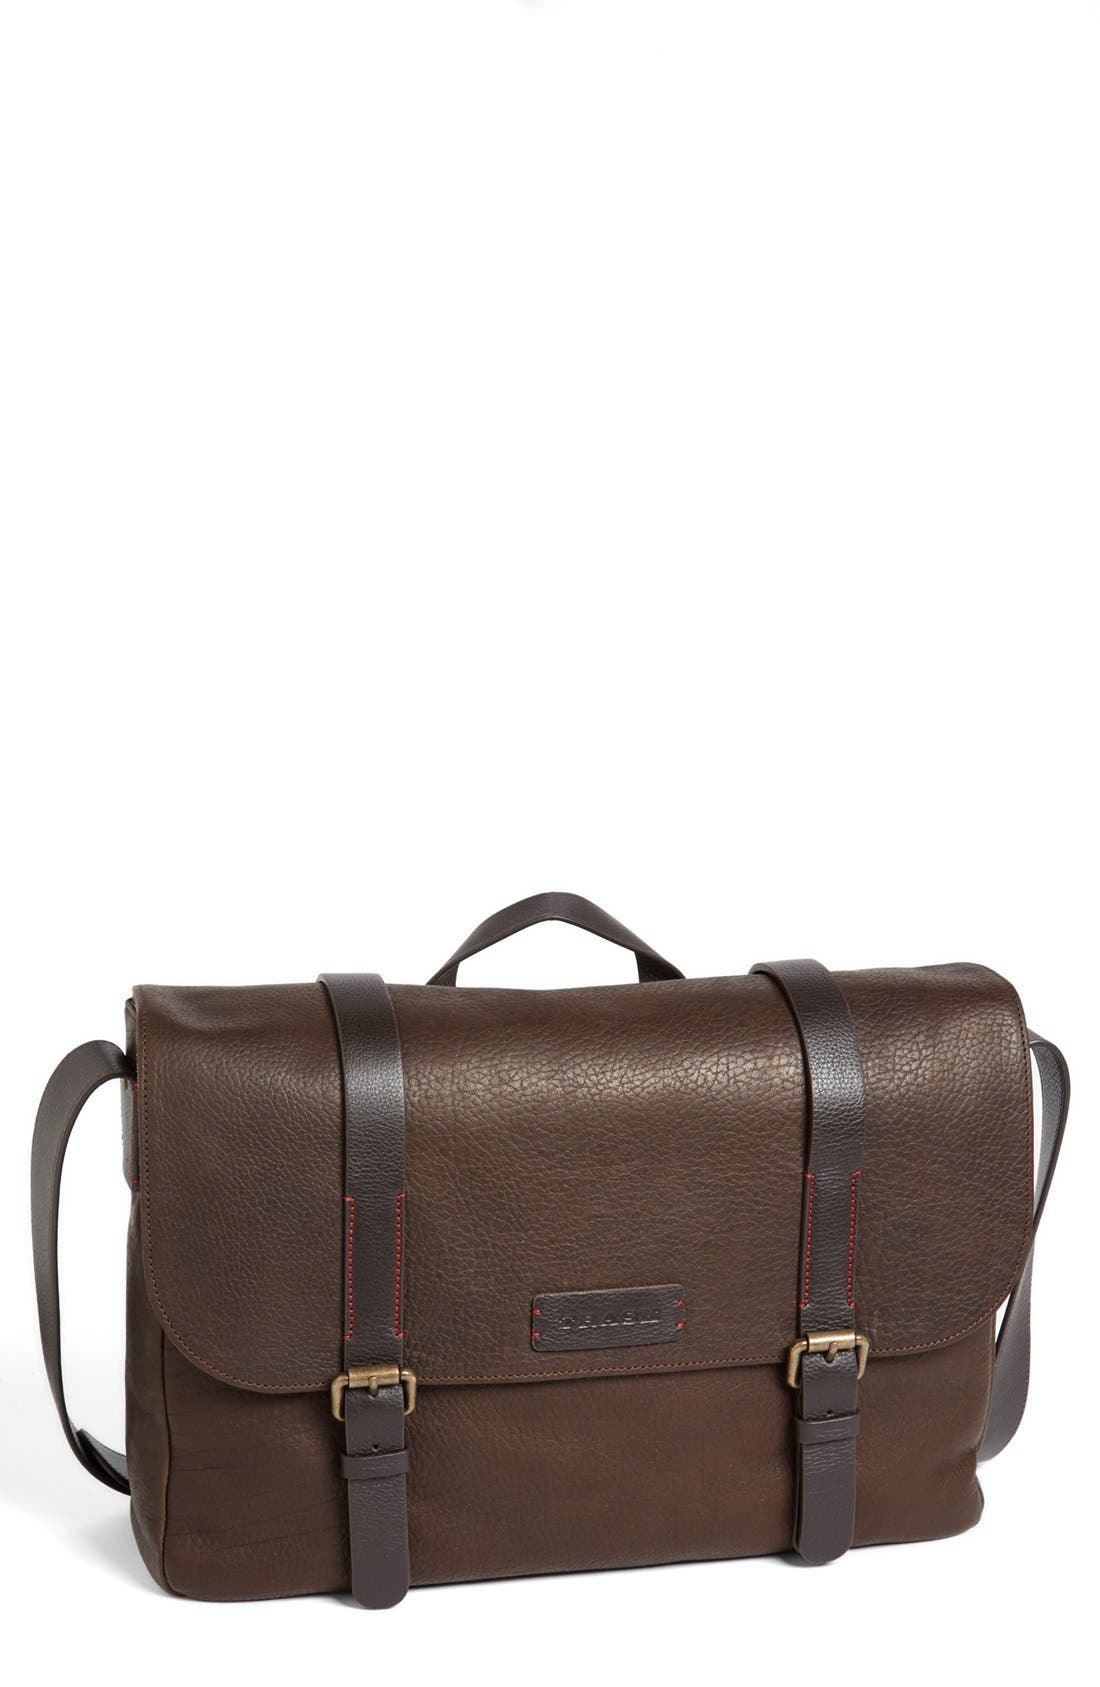 Main Image - Trask 'Jackson' Messenger Bag